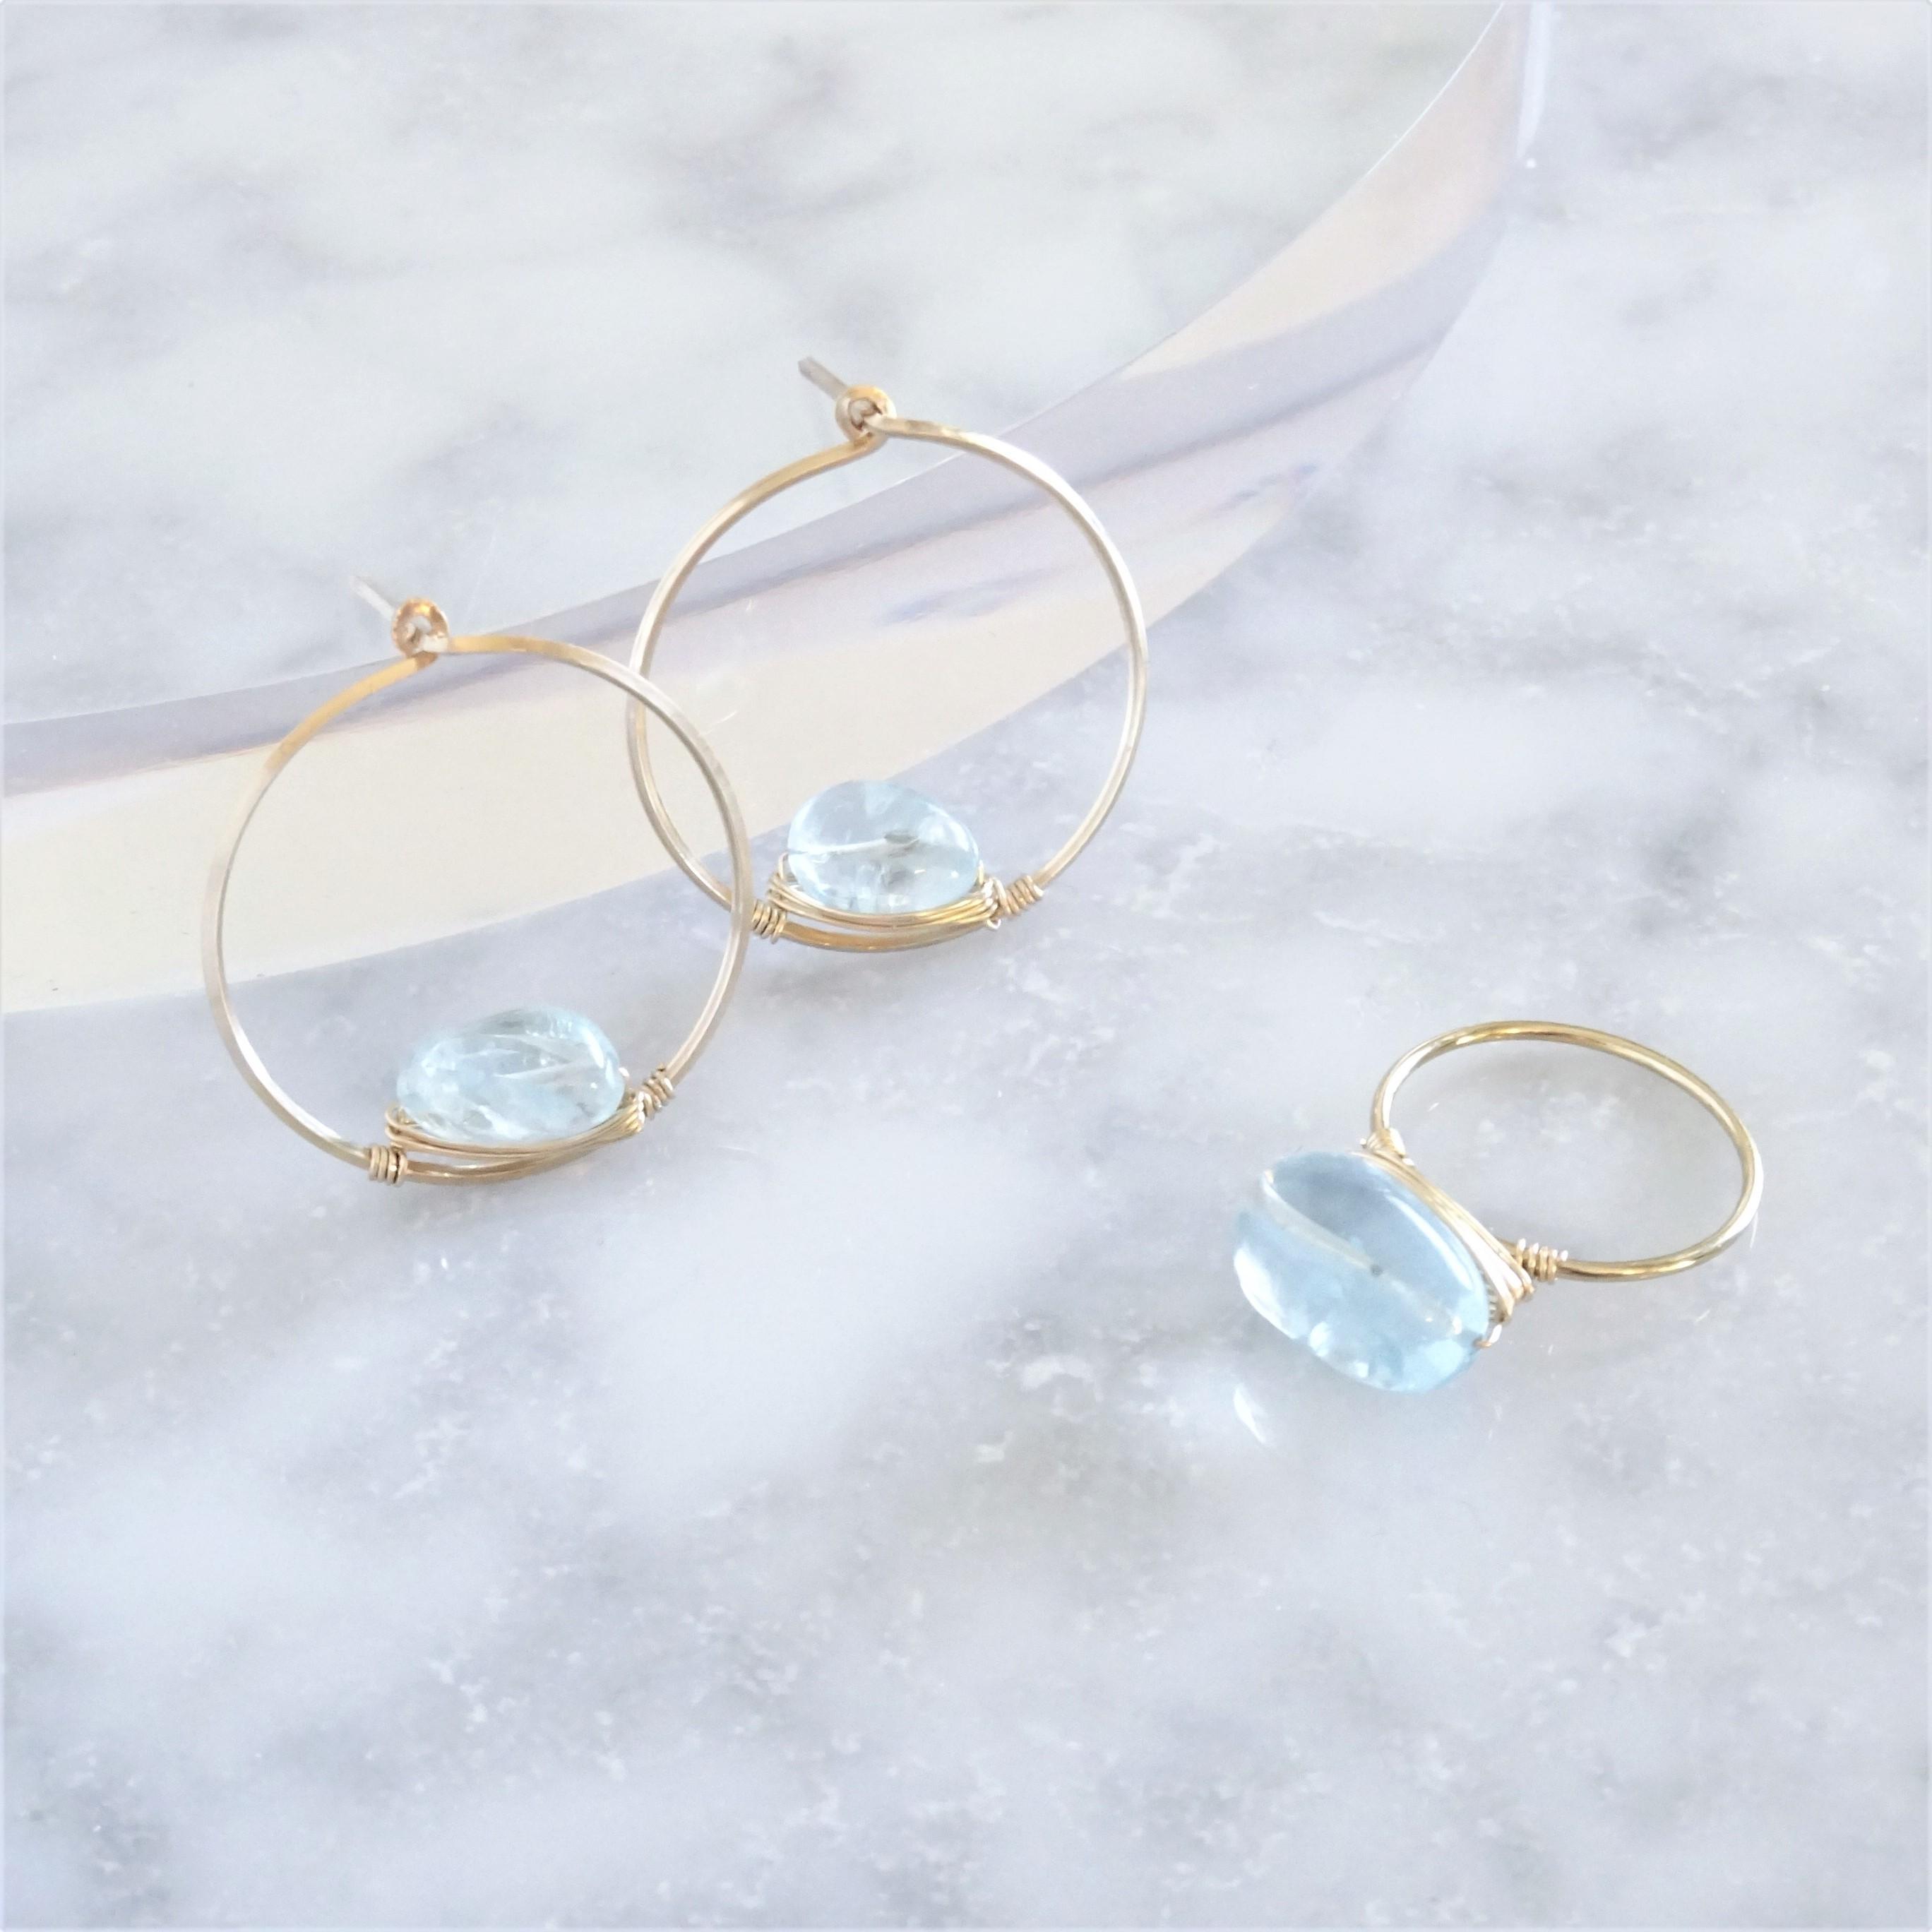 福袋14kgf*宝石質Aquamarine wrapped ring + pierced earring